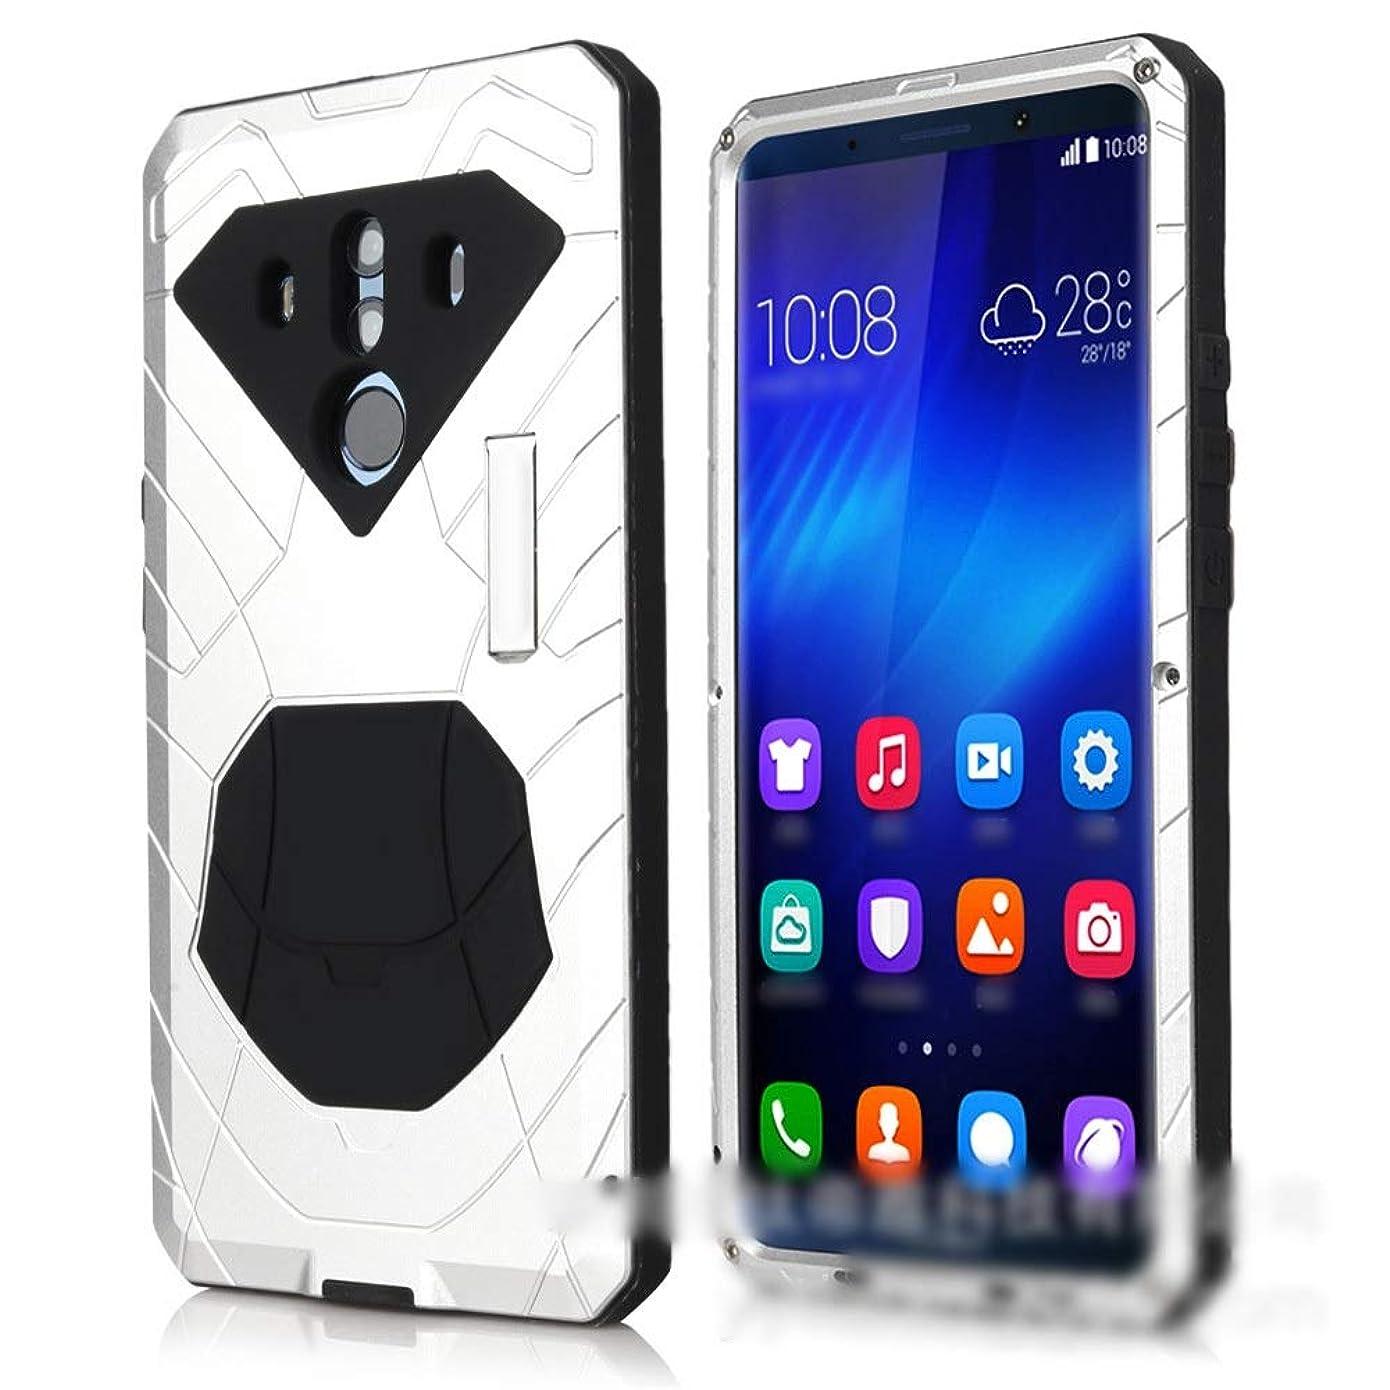 混乱プロポーショナル幸運なHuawei P20、P20 Pro、P10、P10 Pro、P9、Mate10、Mate10 Pro用の3つのアンチ携帯電話シェルハイエンドメタル保護カバー電話ケース KAKACITY (色 : ホワイト, Edition : P20)